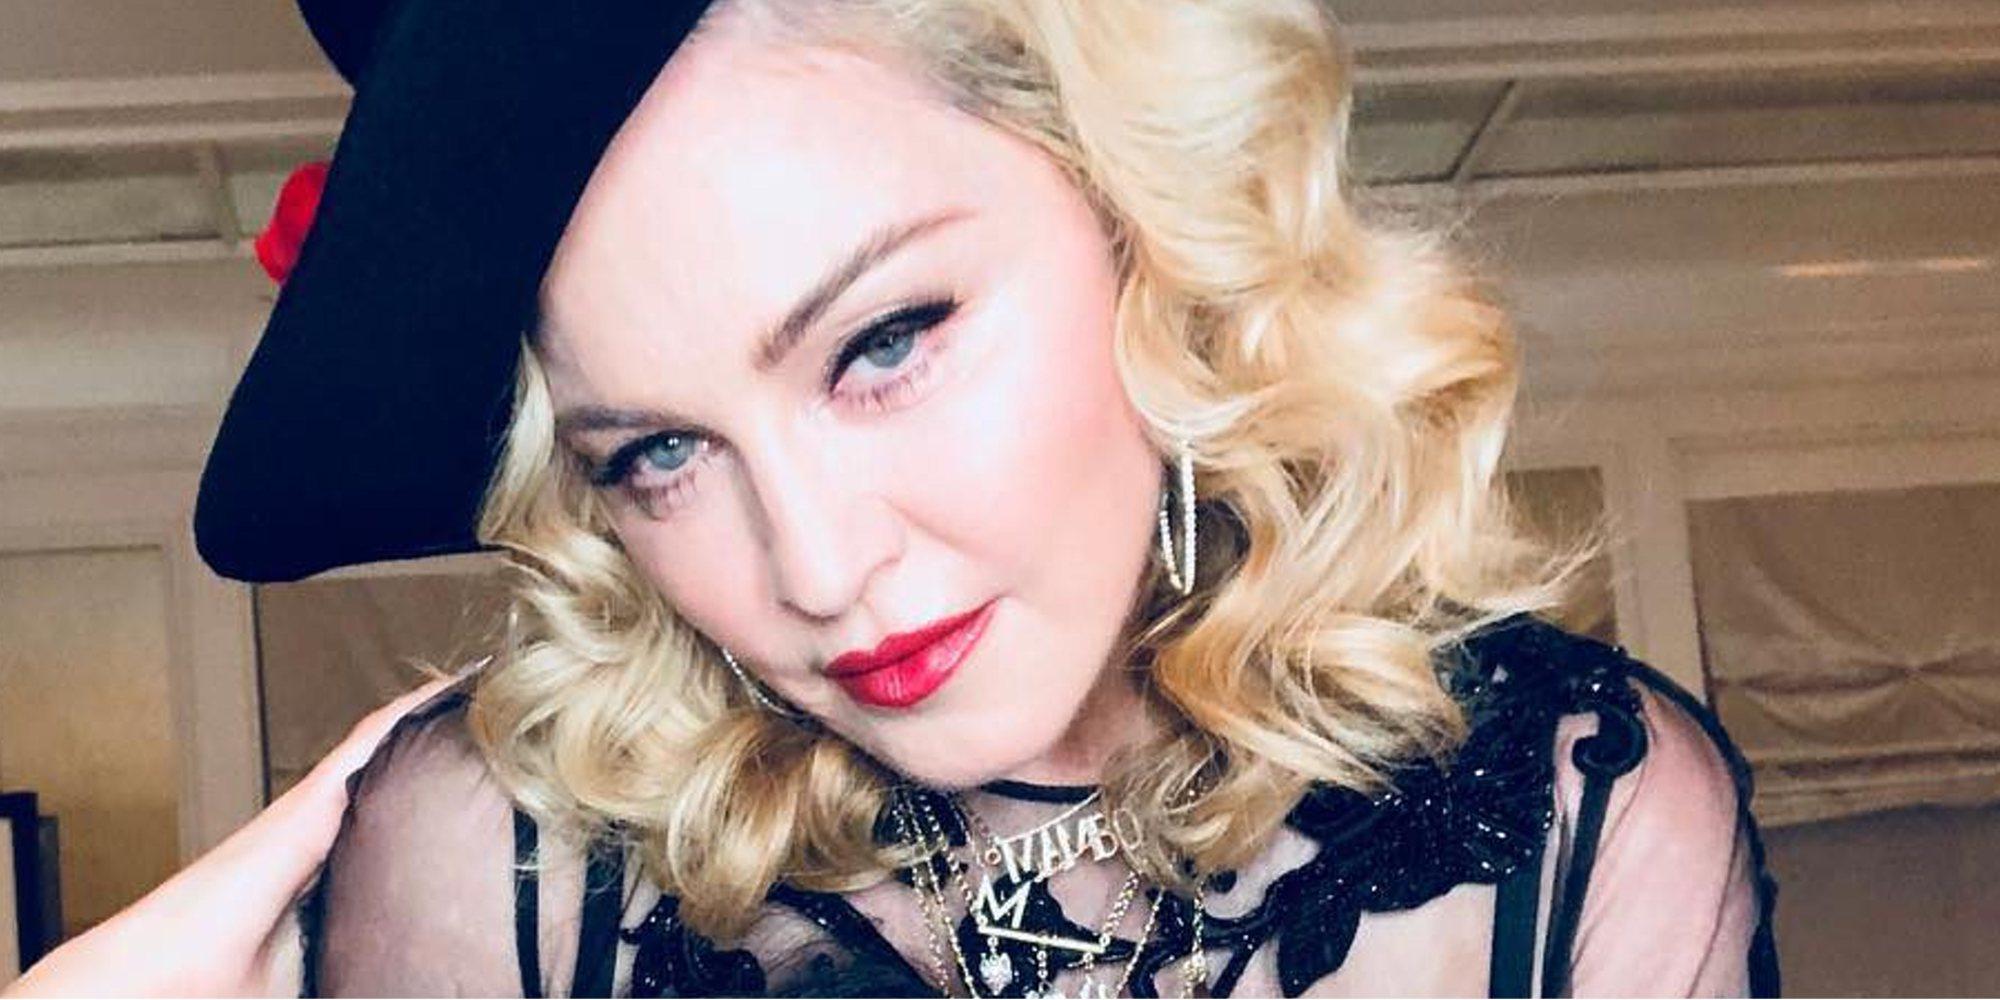 Eurovisión 2019 confirma que Madonna actuará en la gran final interpretando dos canciones